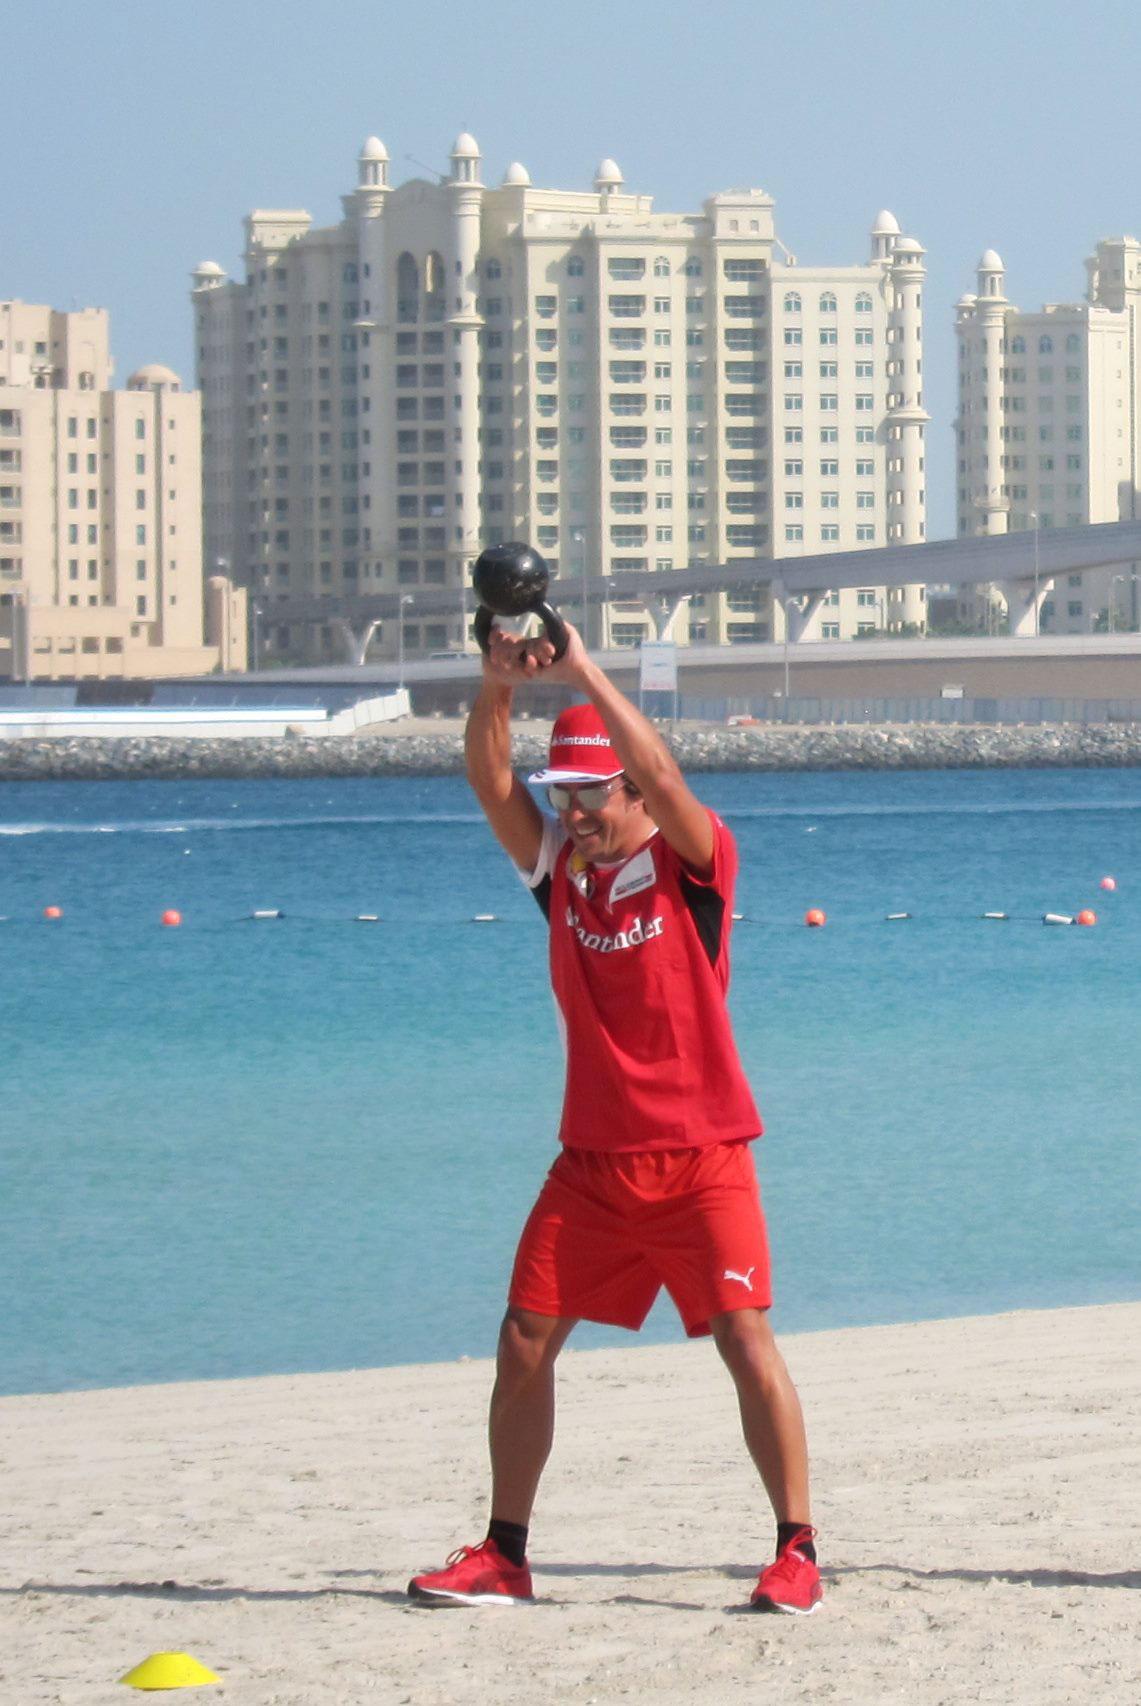 El trabajo de pretemporada de Alonso en Dubai, en imágenes